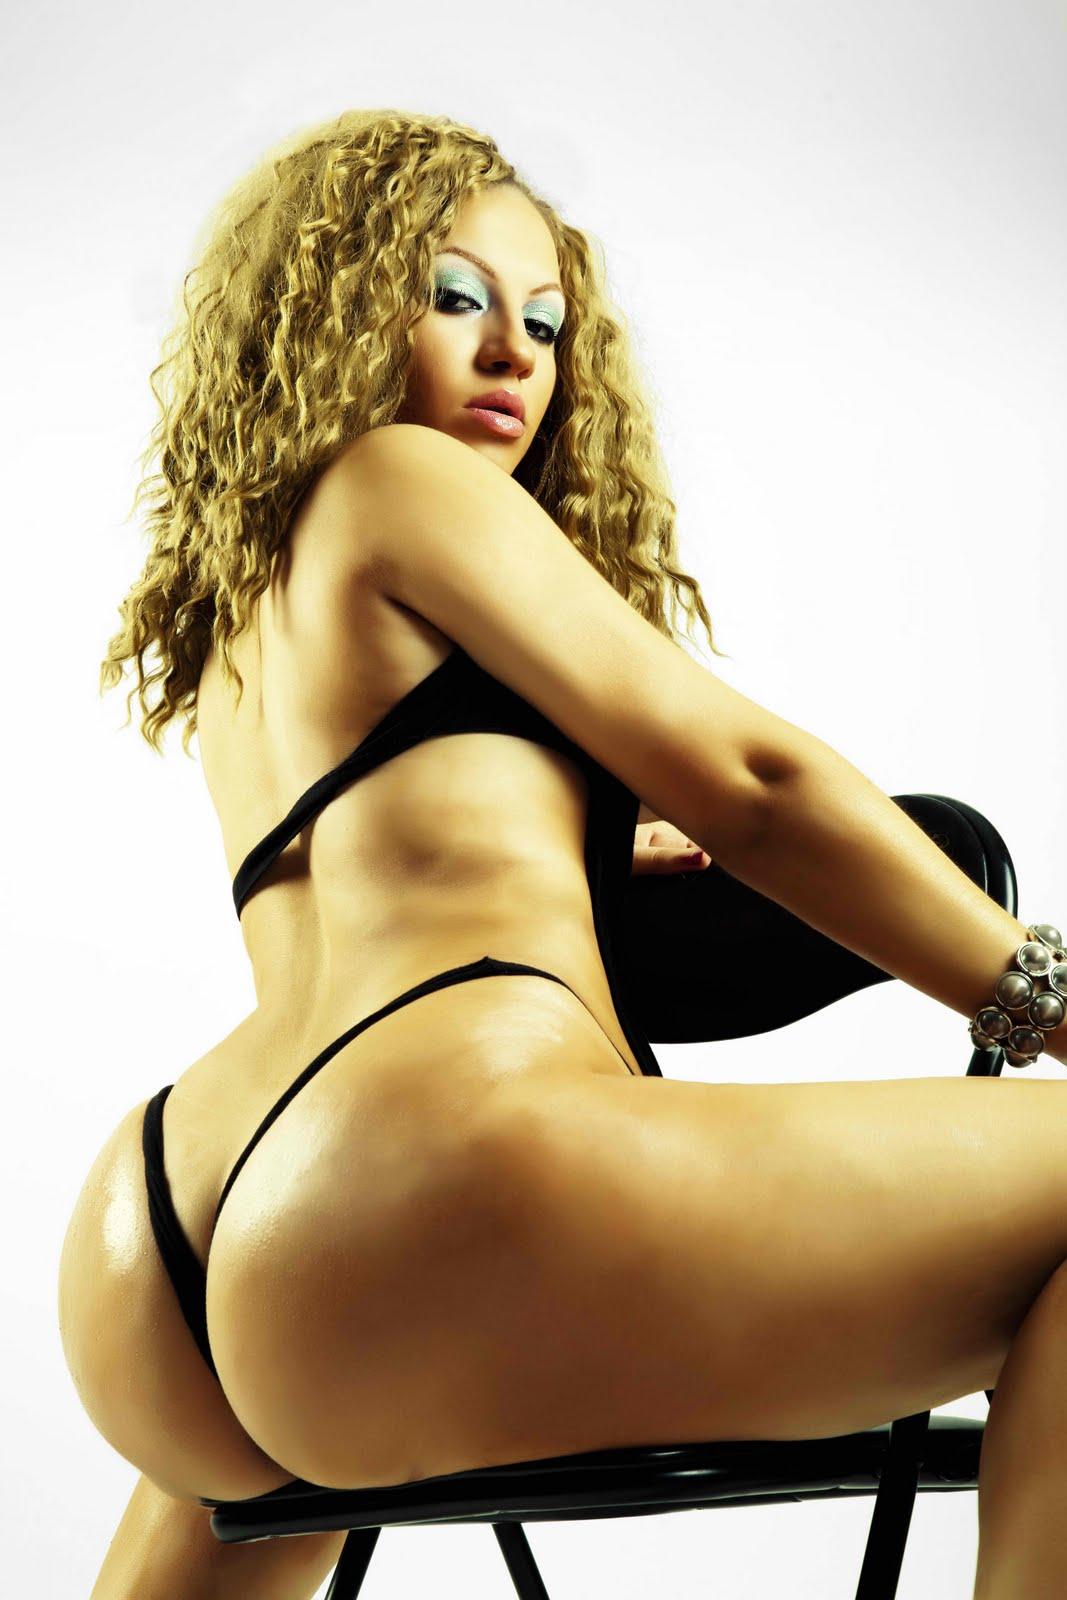 RapStarVixxen: Faya Dynamite